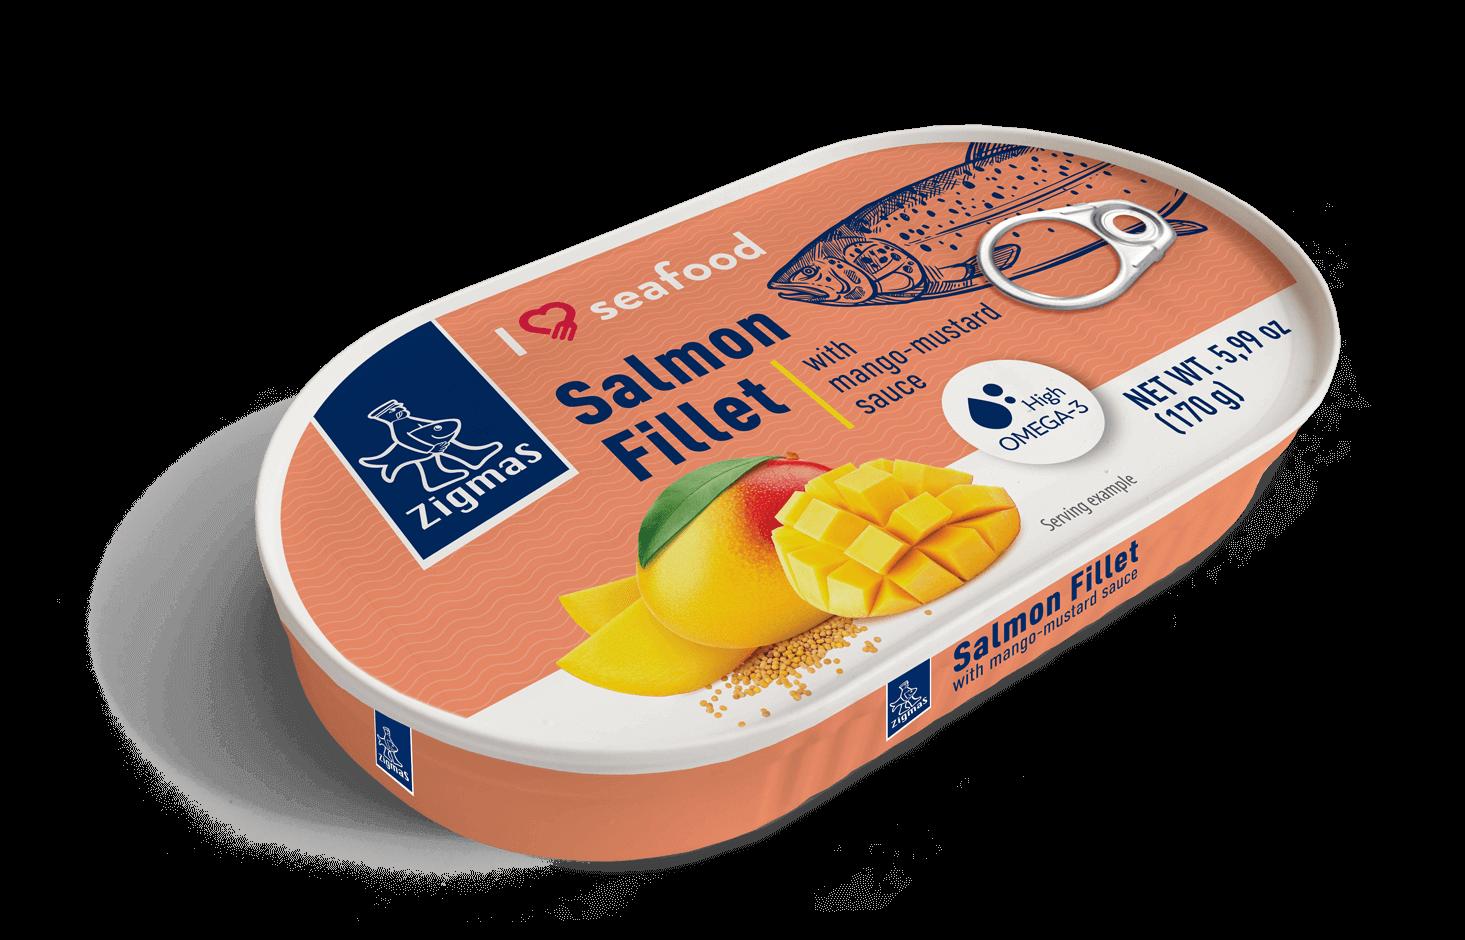 Lašišos filė mangų-garstyčių padaže